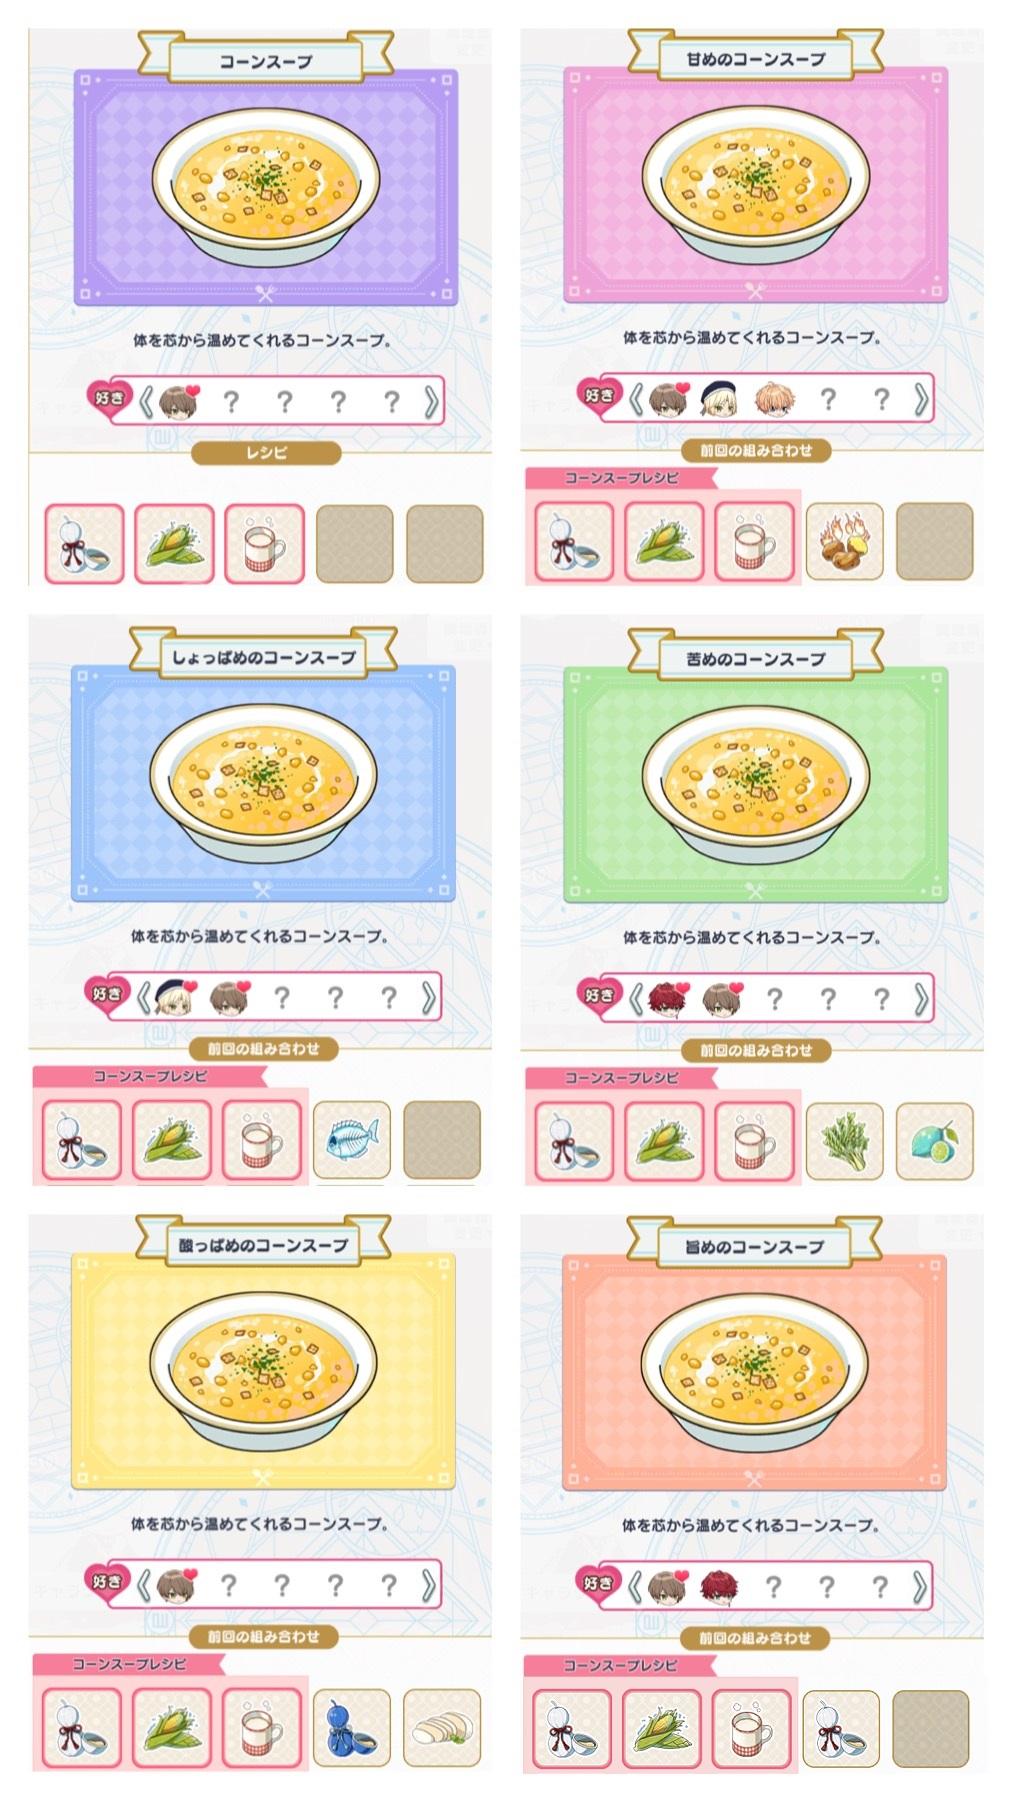 コーンスープレシピ